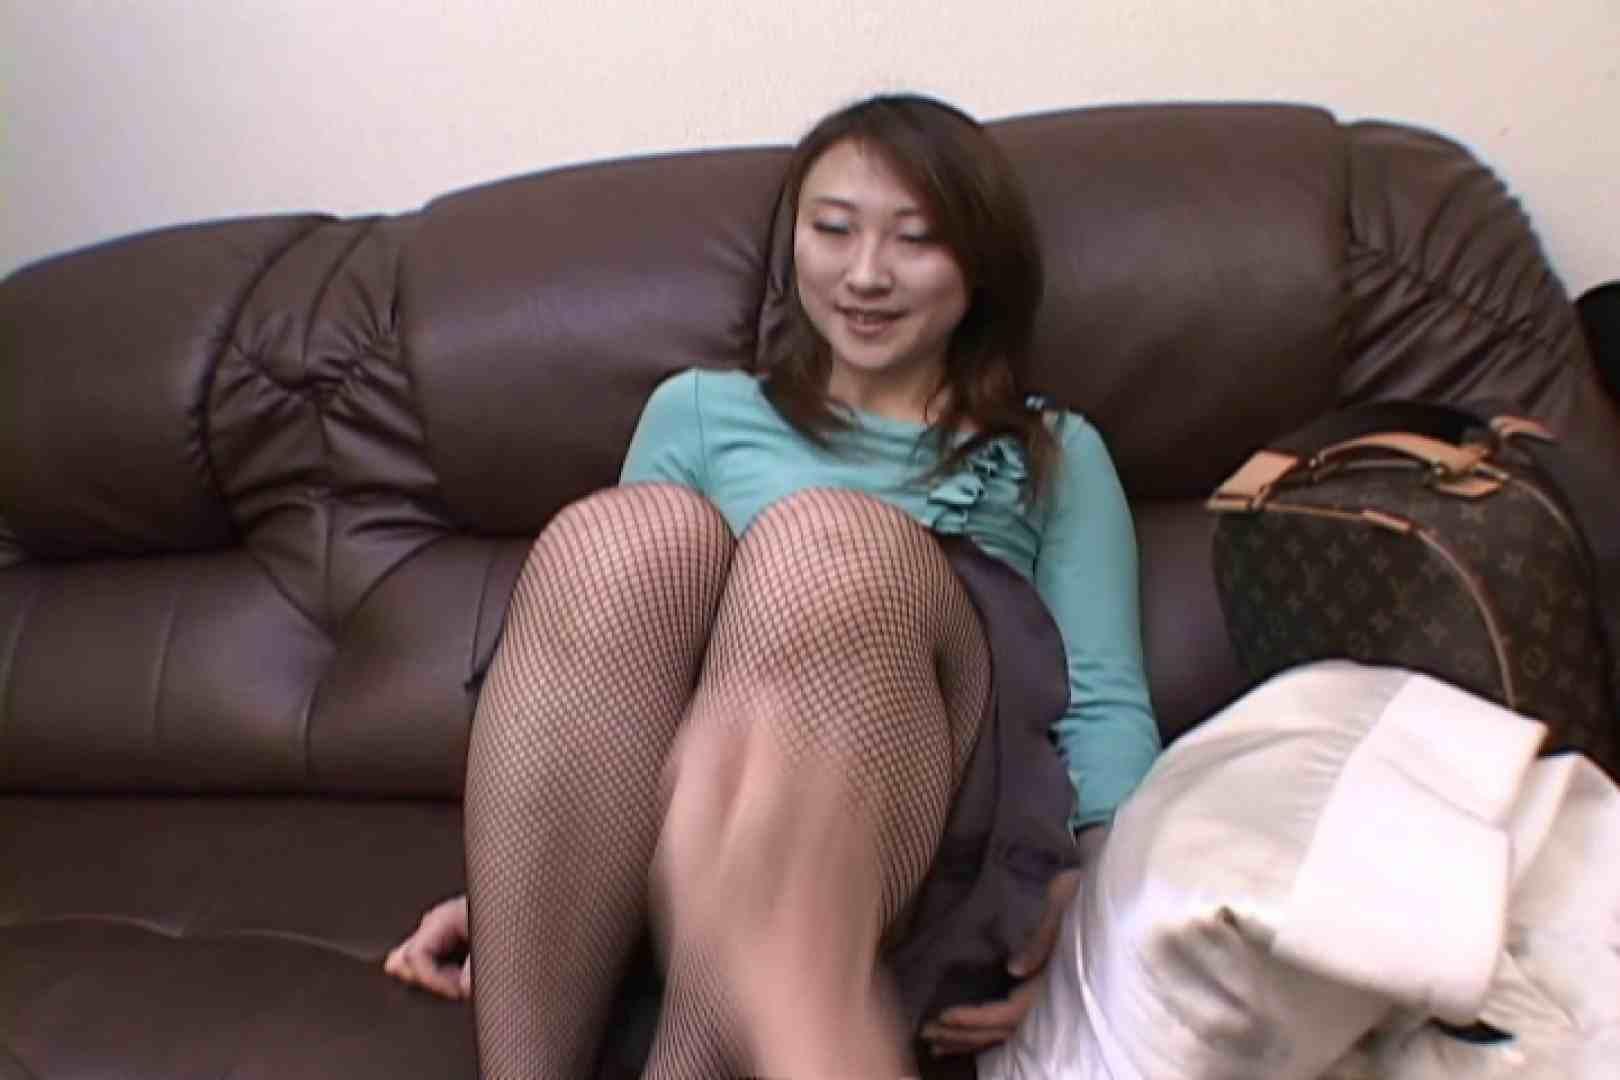 オナニー好きの綺麗なお姉さんと楽しくSEX~姫野あかね~ エッチなお姉さん | 企画  62pic 31